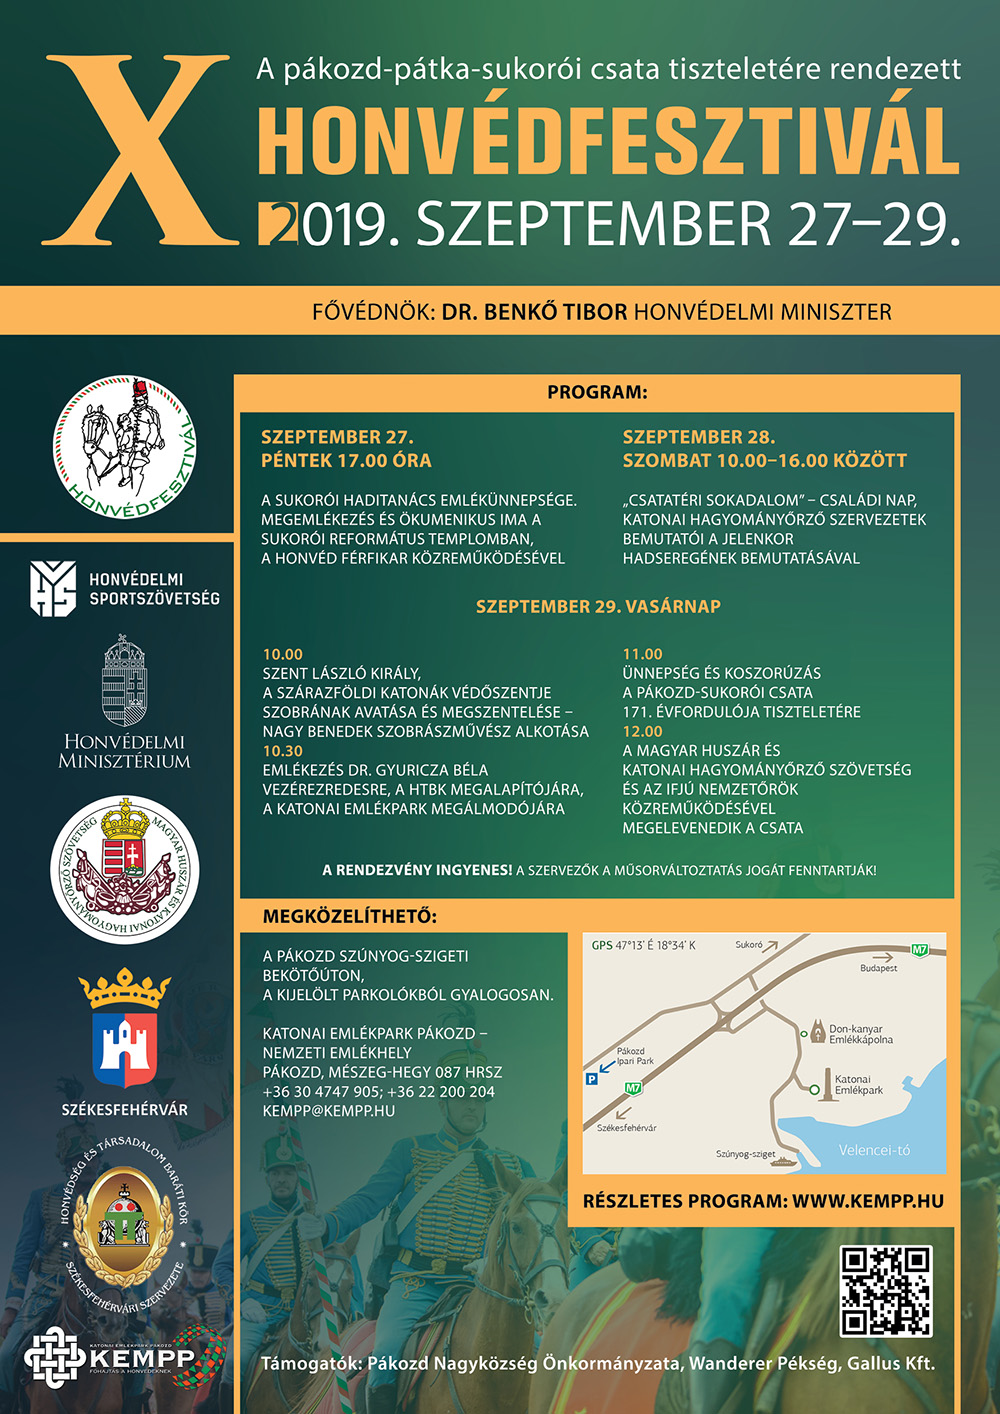 Honvédfesztivál 2019 programok